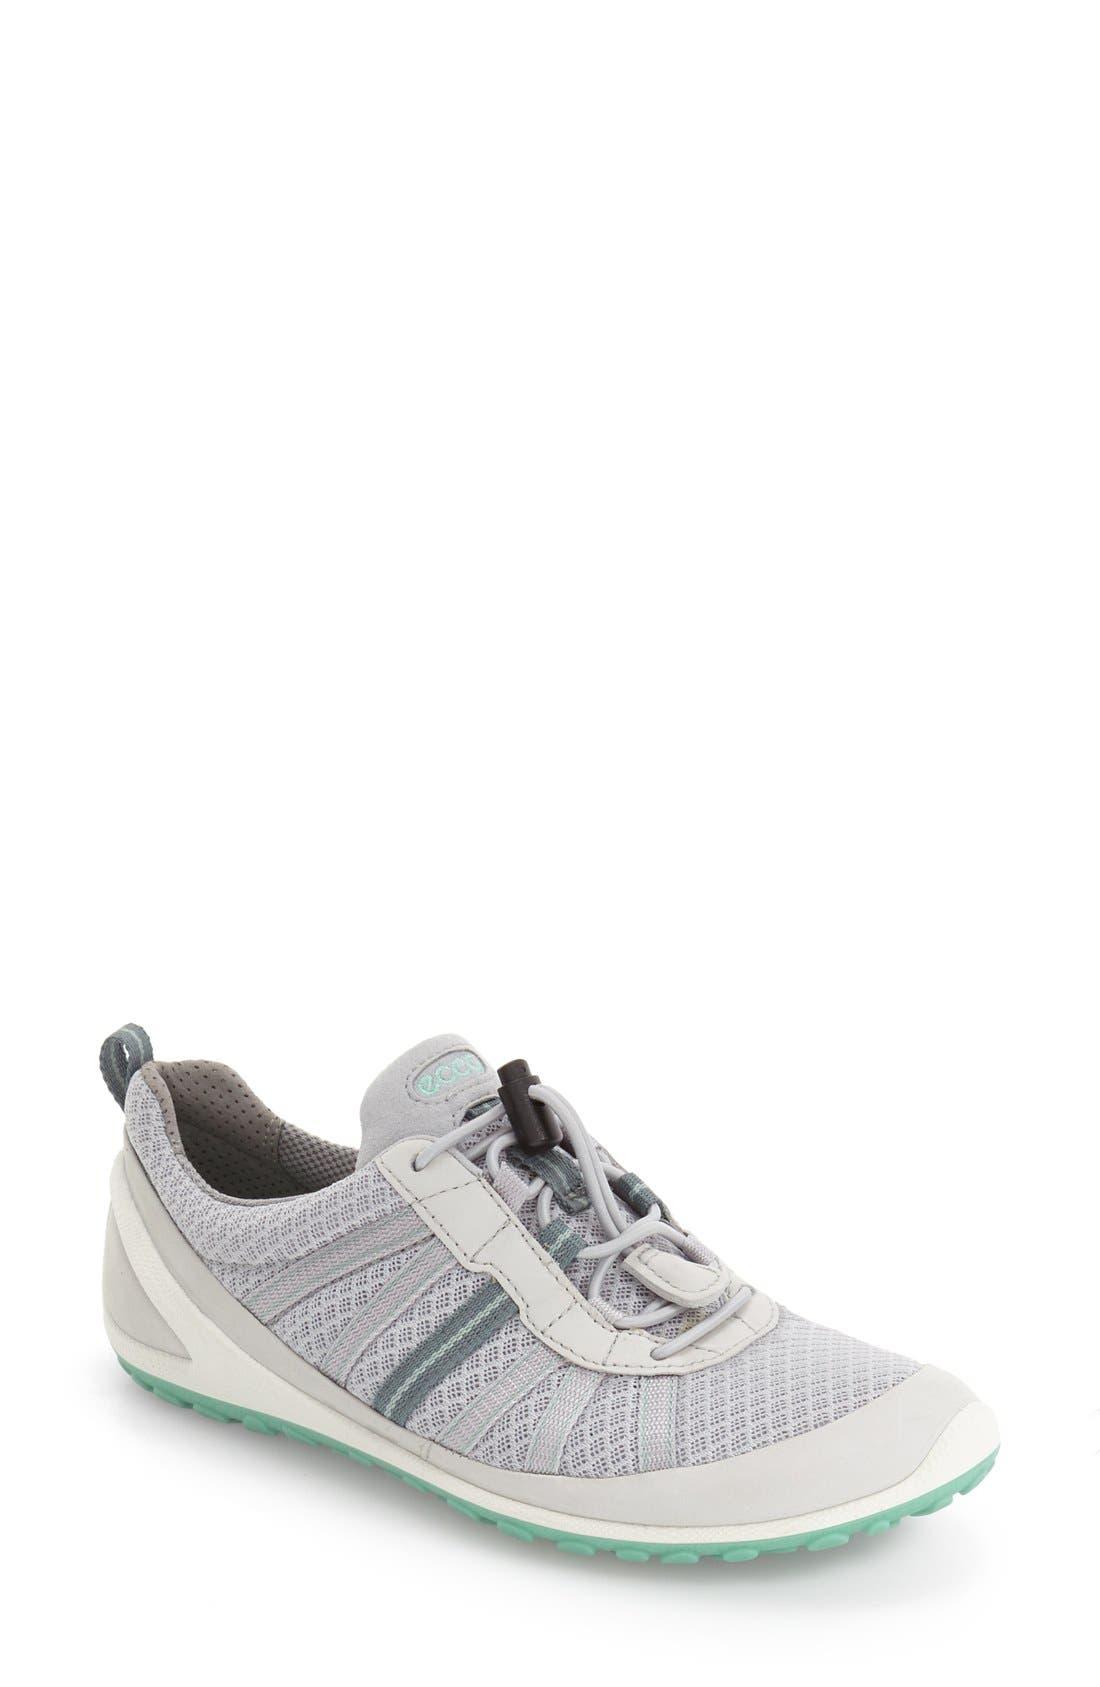 Alternate Image 1 Selected - ECCO 'Biom Lite' Sneaker (Women)